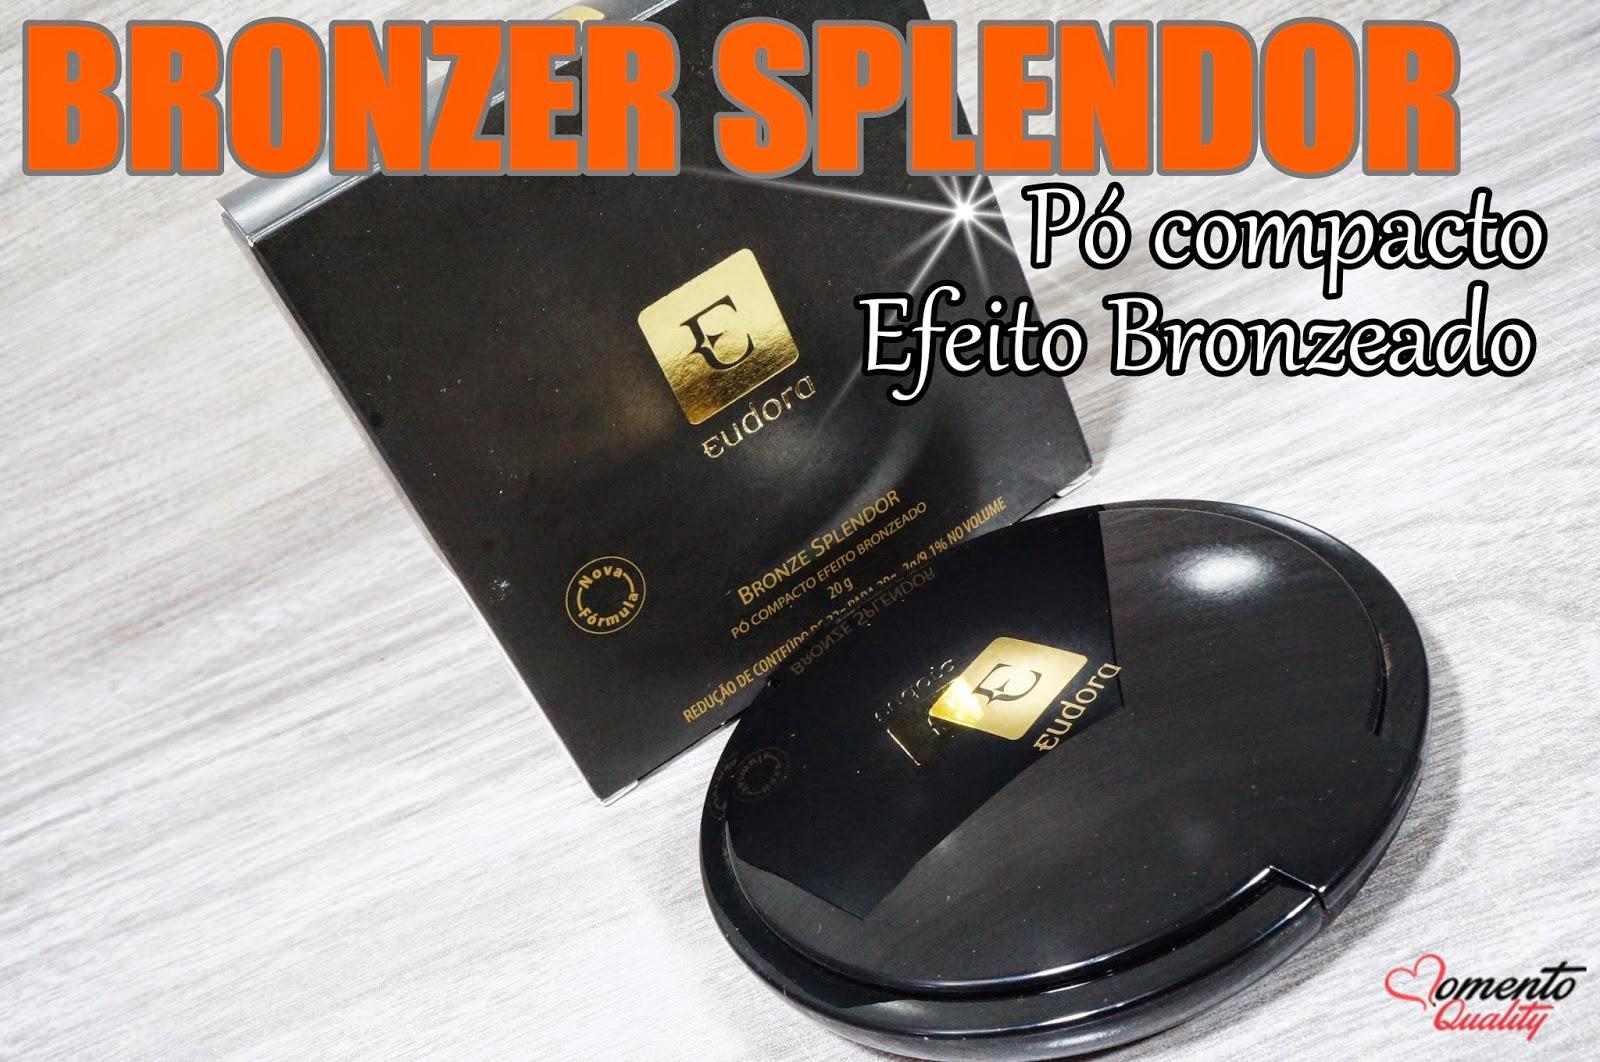 Bronzer Splendor Pó Compacto Efeito Bronzeador Eudora